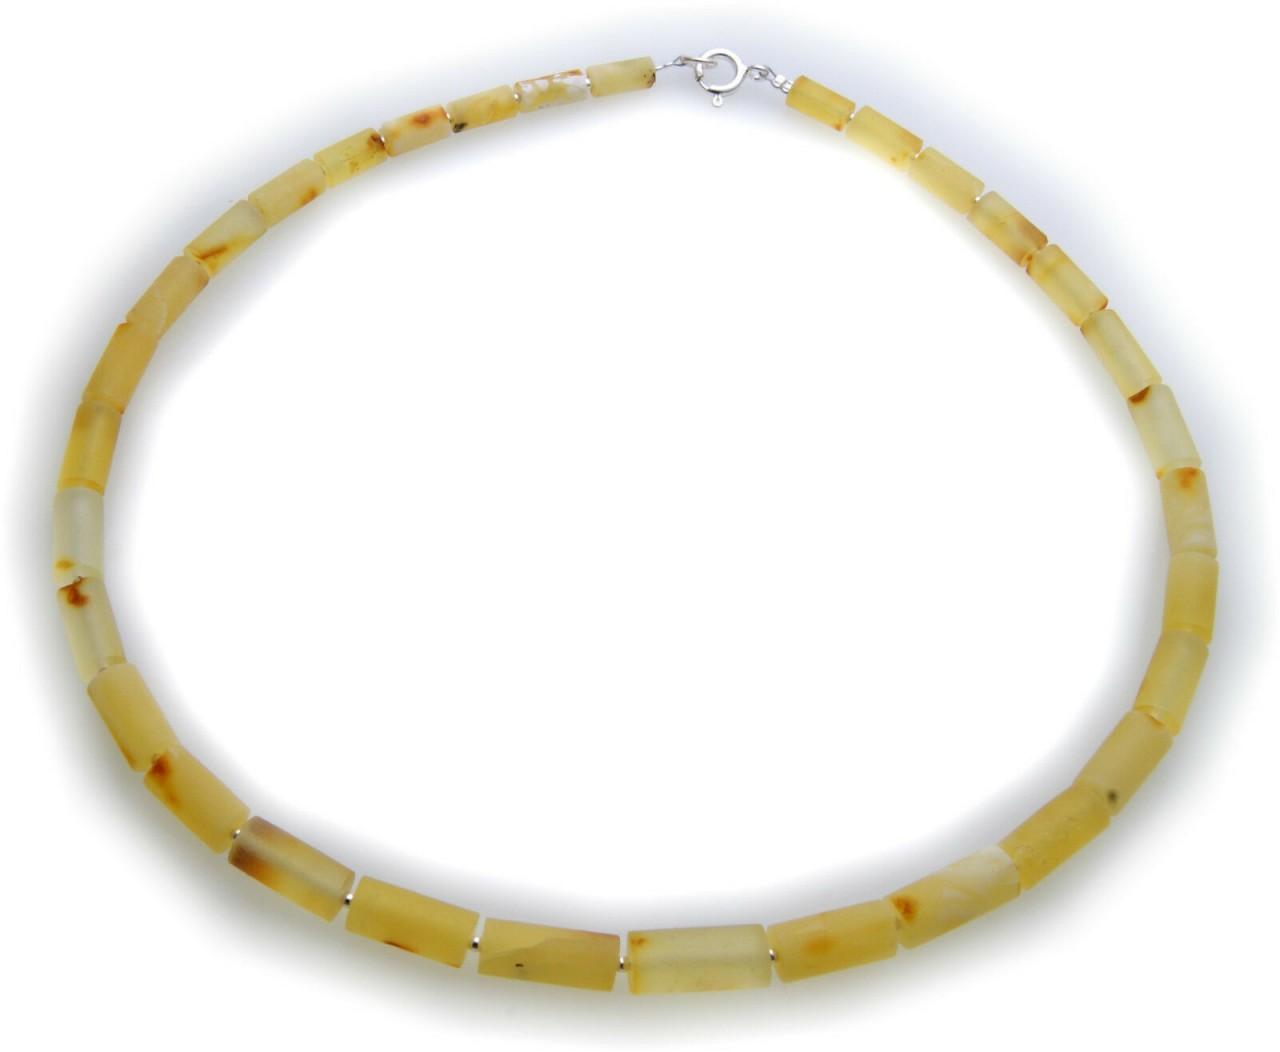 Hals Kette echter Bernstein hell aus der Ostsee Collier Halskette Damen Zylinder